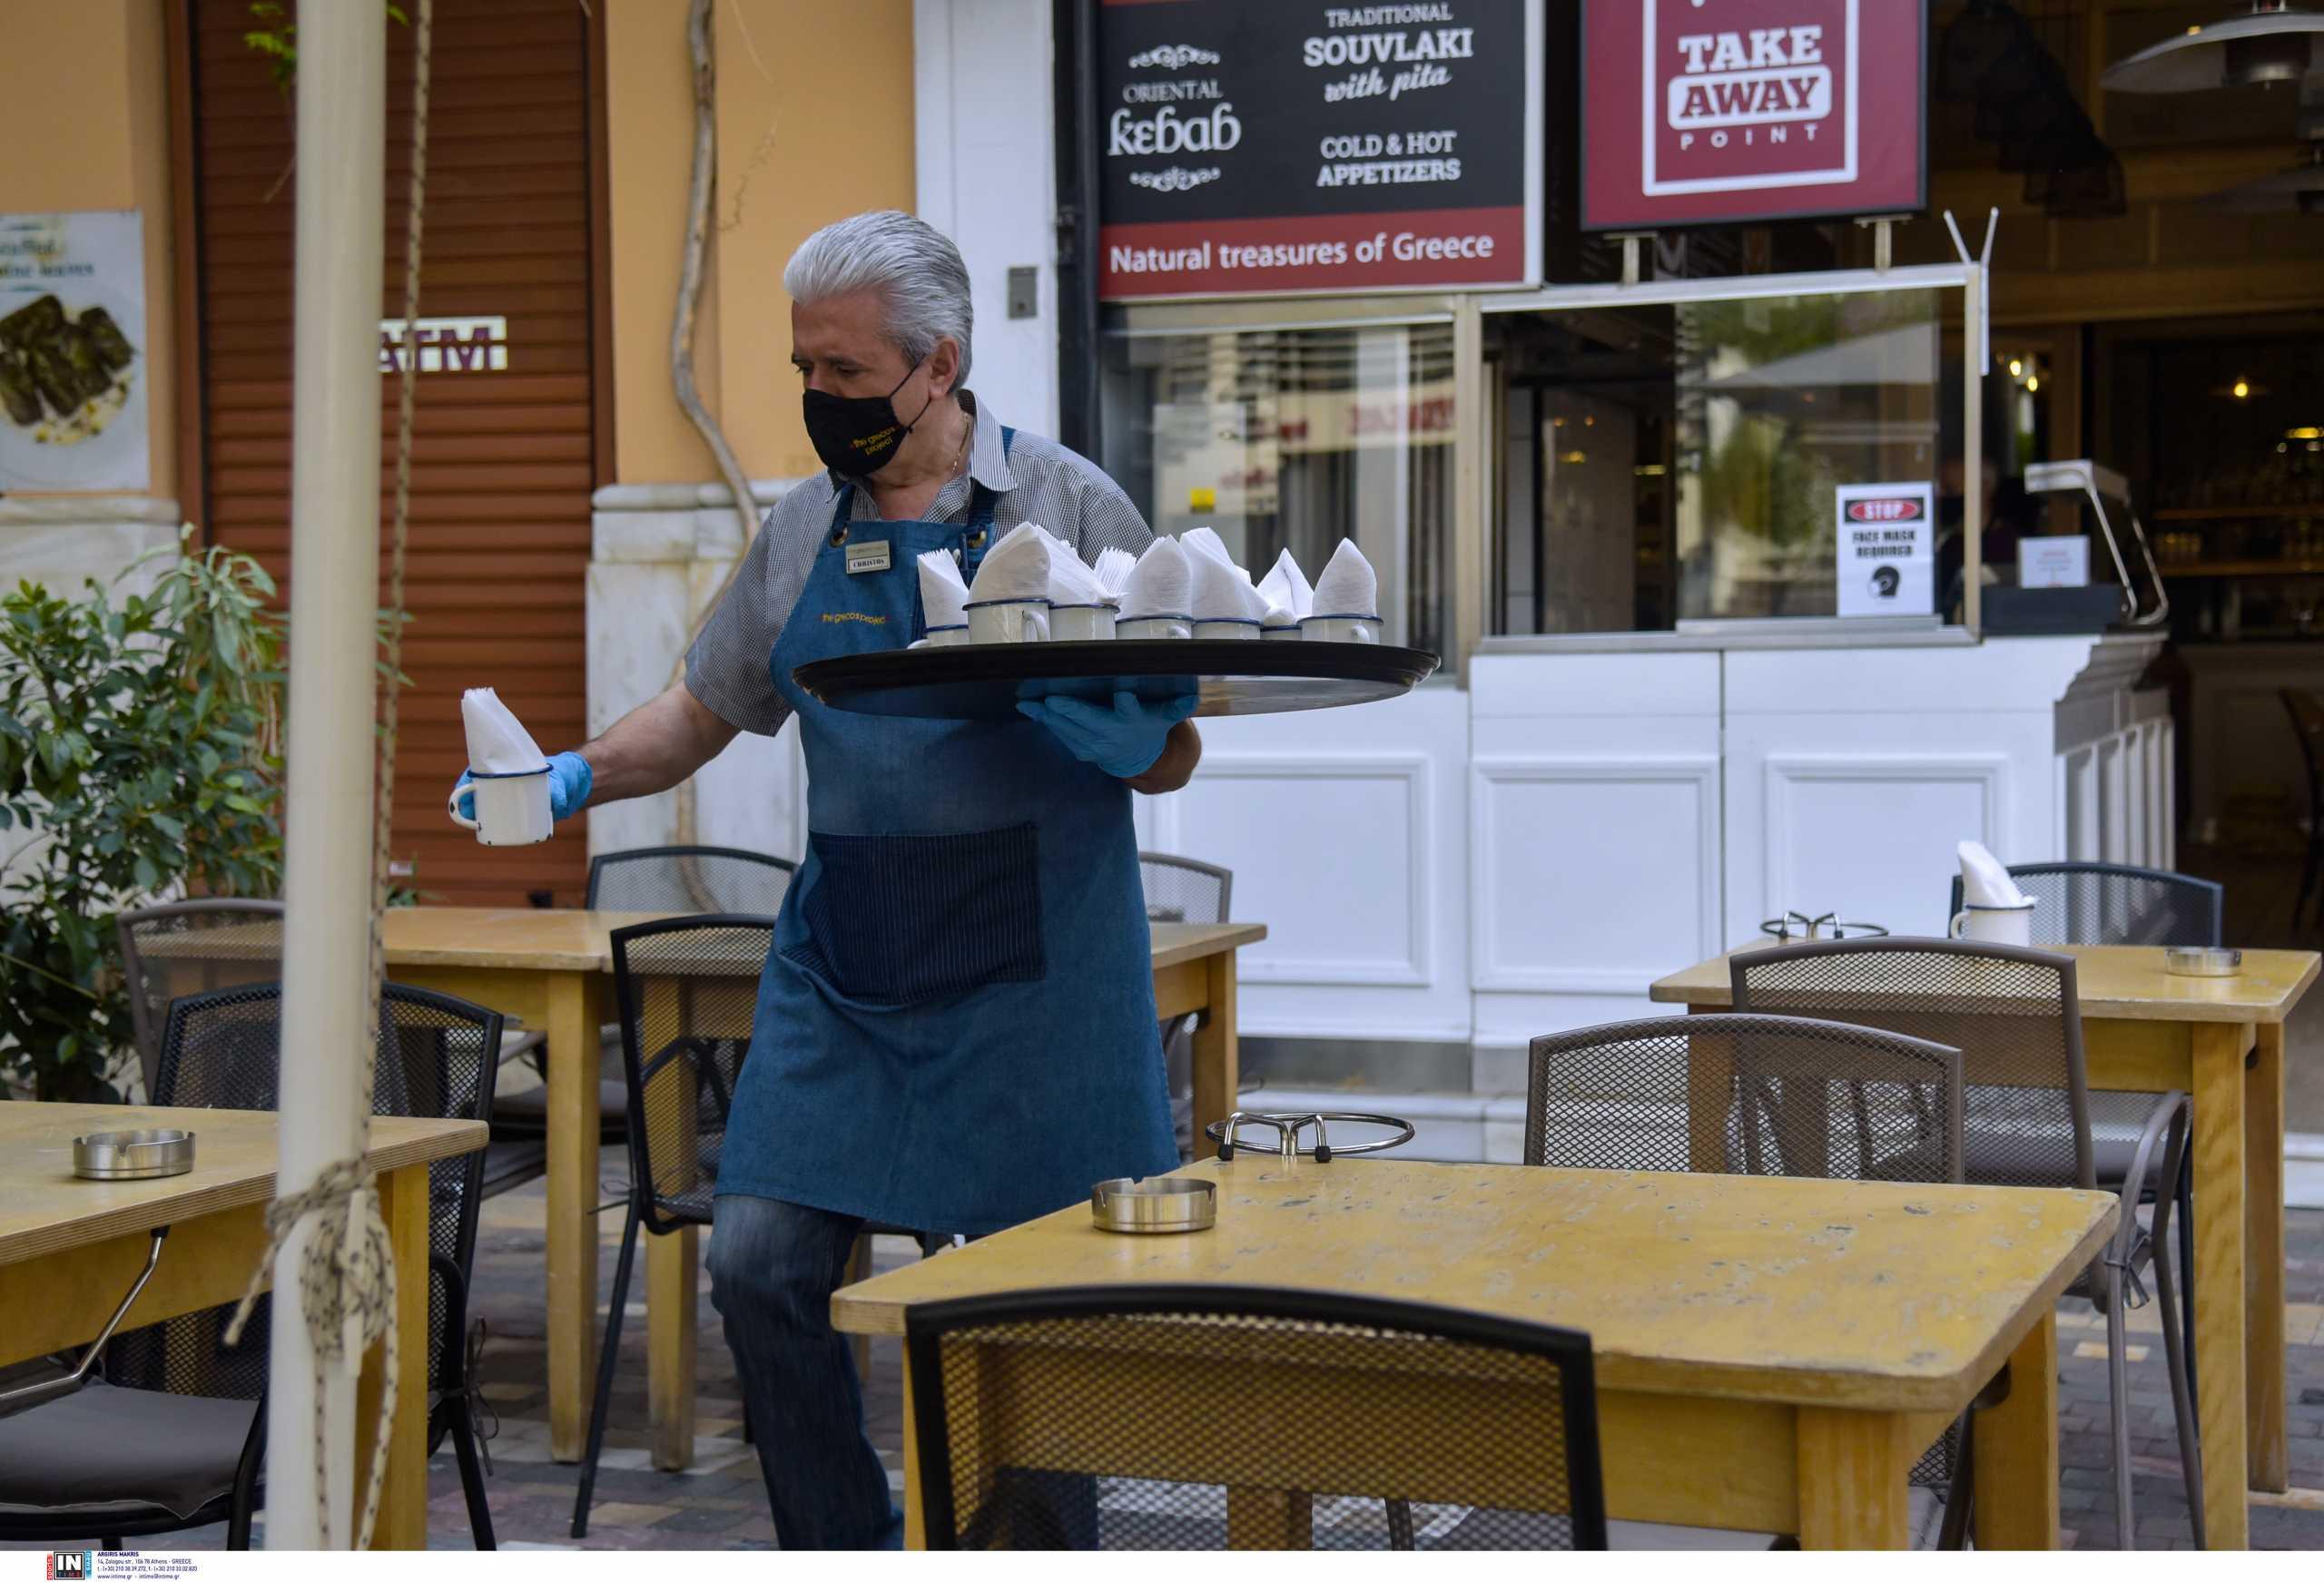 Κρήτη – Εστίαση: Το άνοιγμα σε Ηράκλειο και Χανιά – Τα τραπέζια ξανά στις θέσεις τους